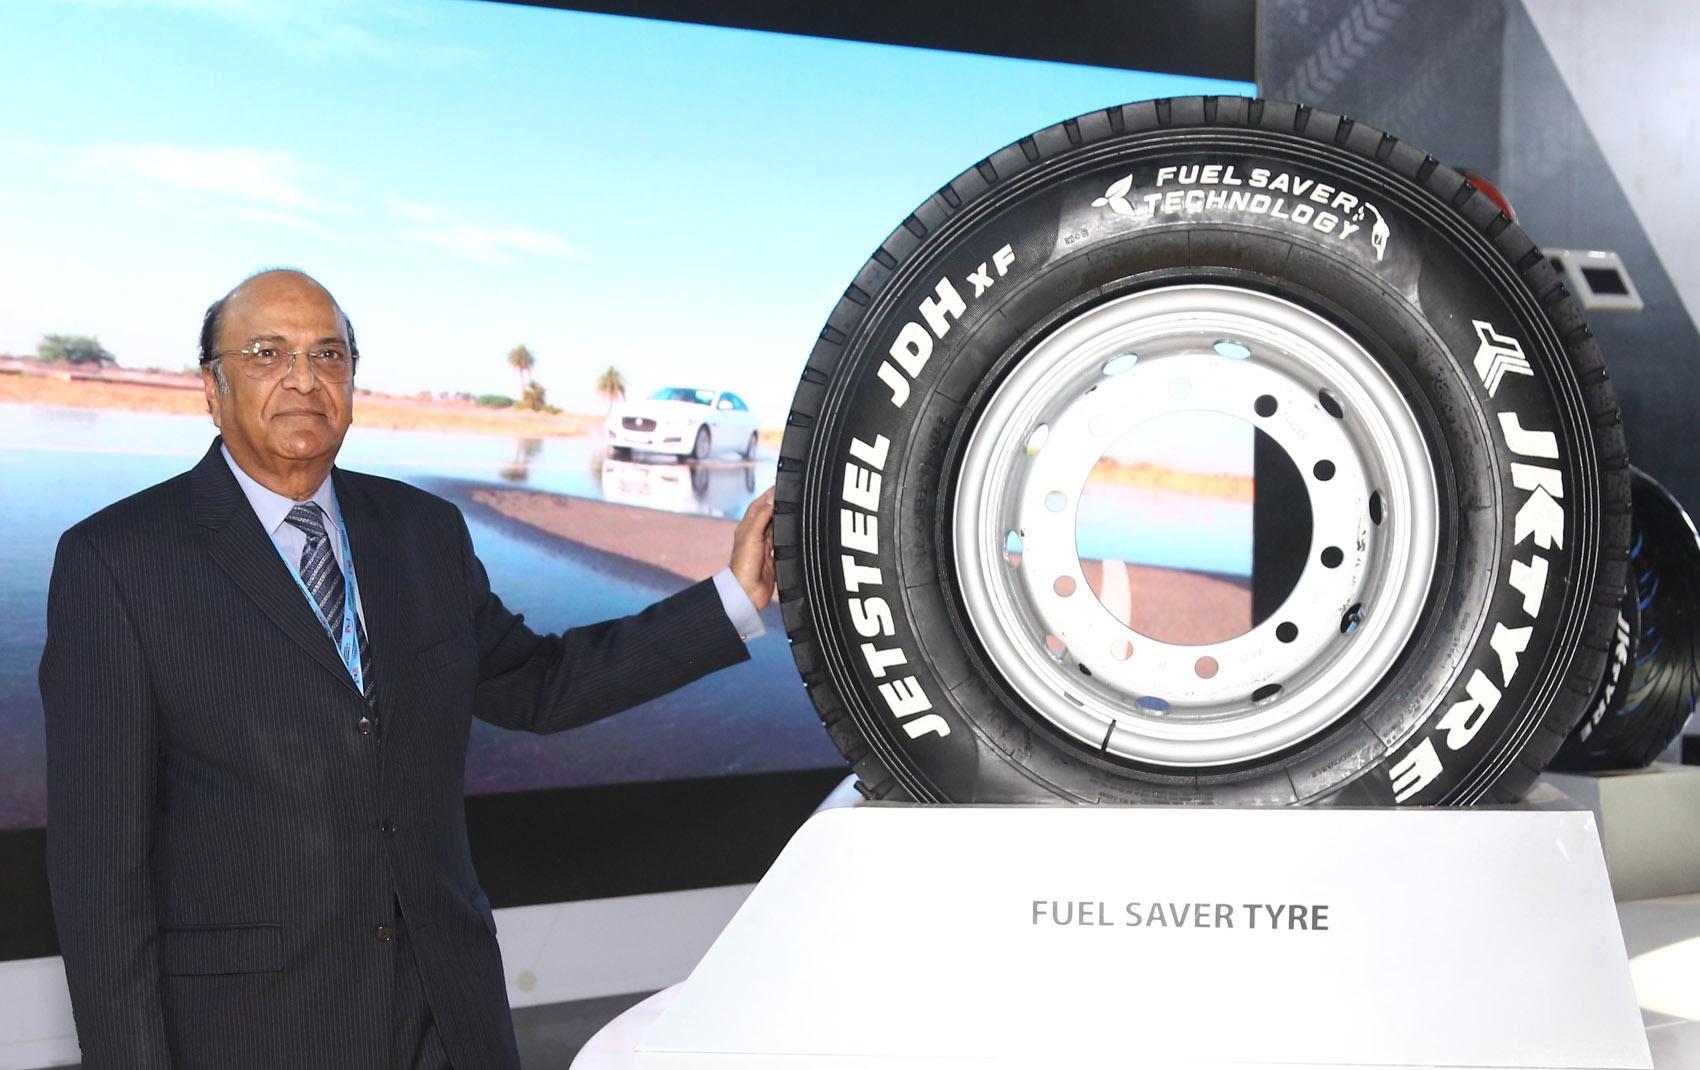 JK Tire выпустила 20-миллионную TBR-шину